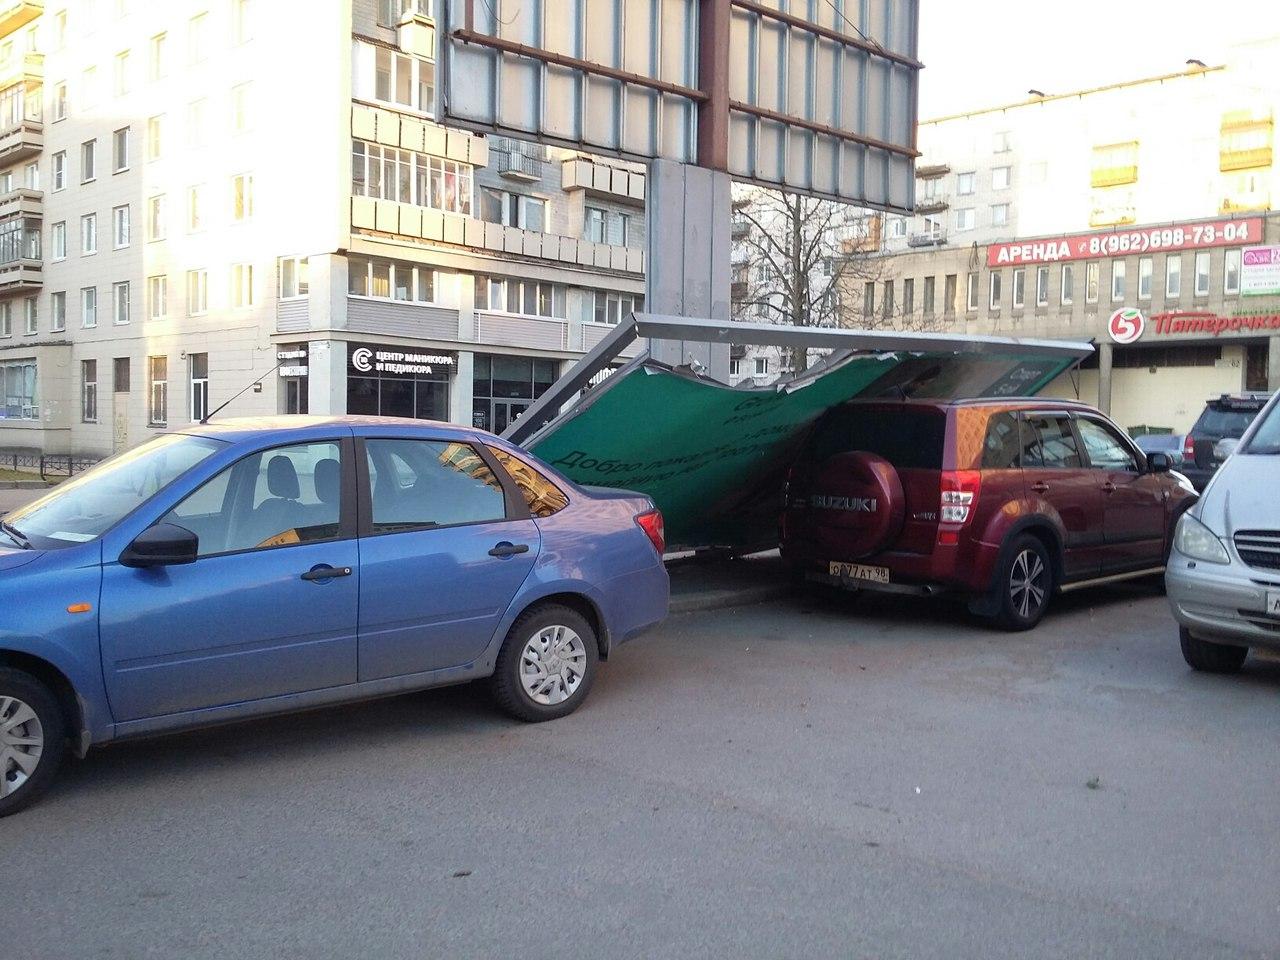 ВПетербурге сорванный ветром рекламный щит сломал две машины